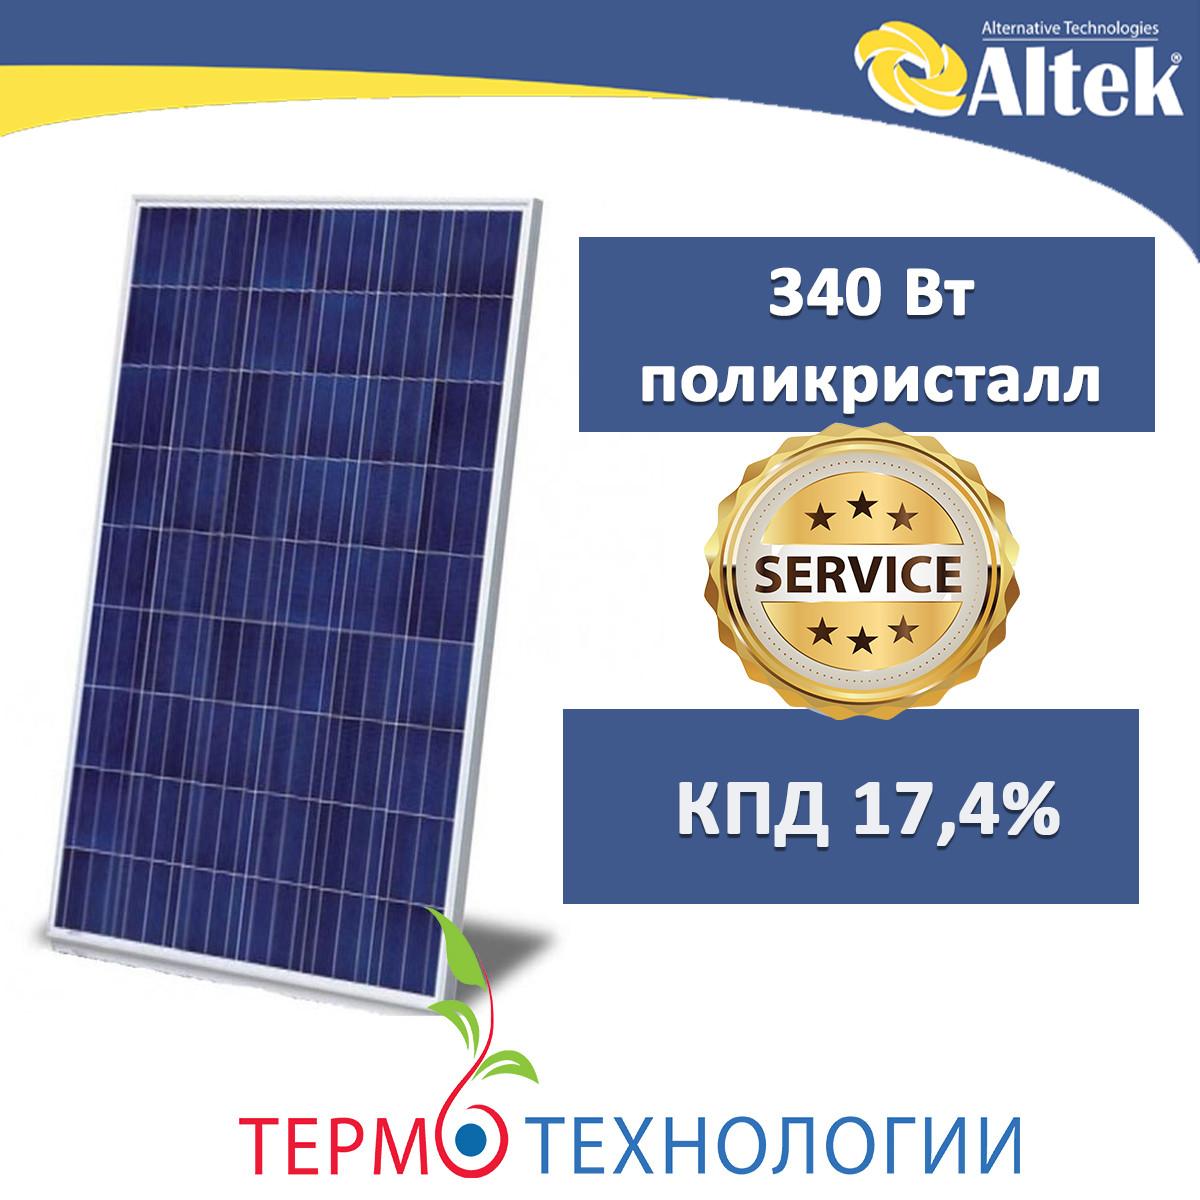 Солнечная батарея Altek 340 Вт, Poly